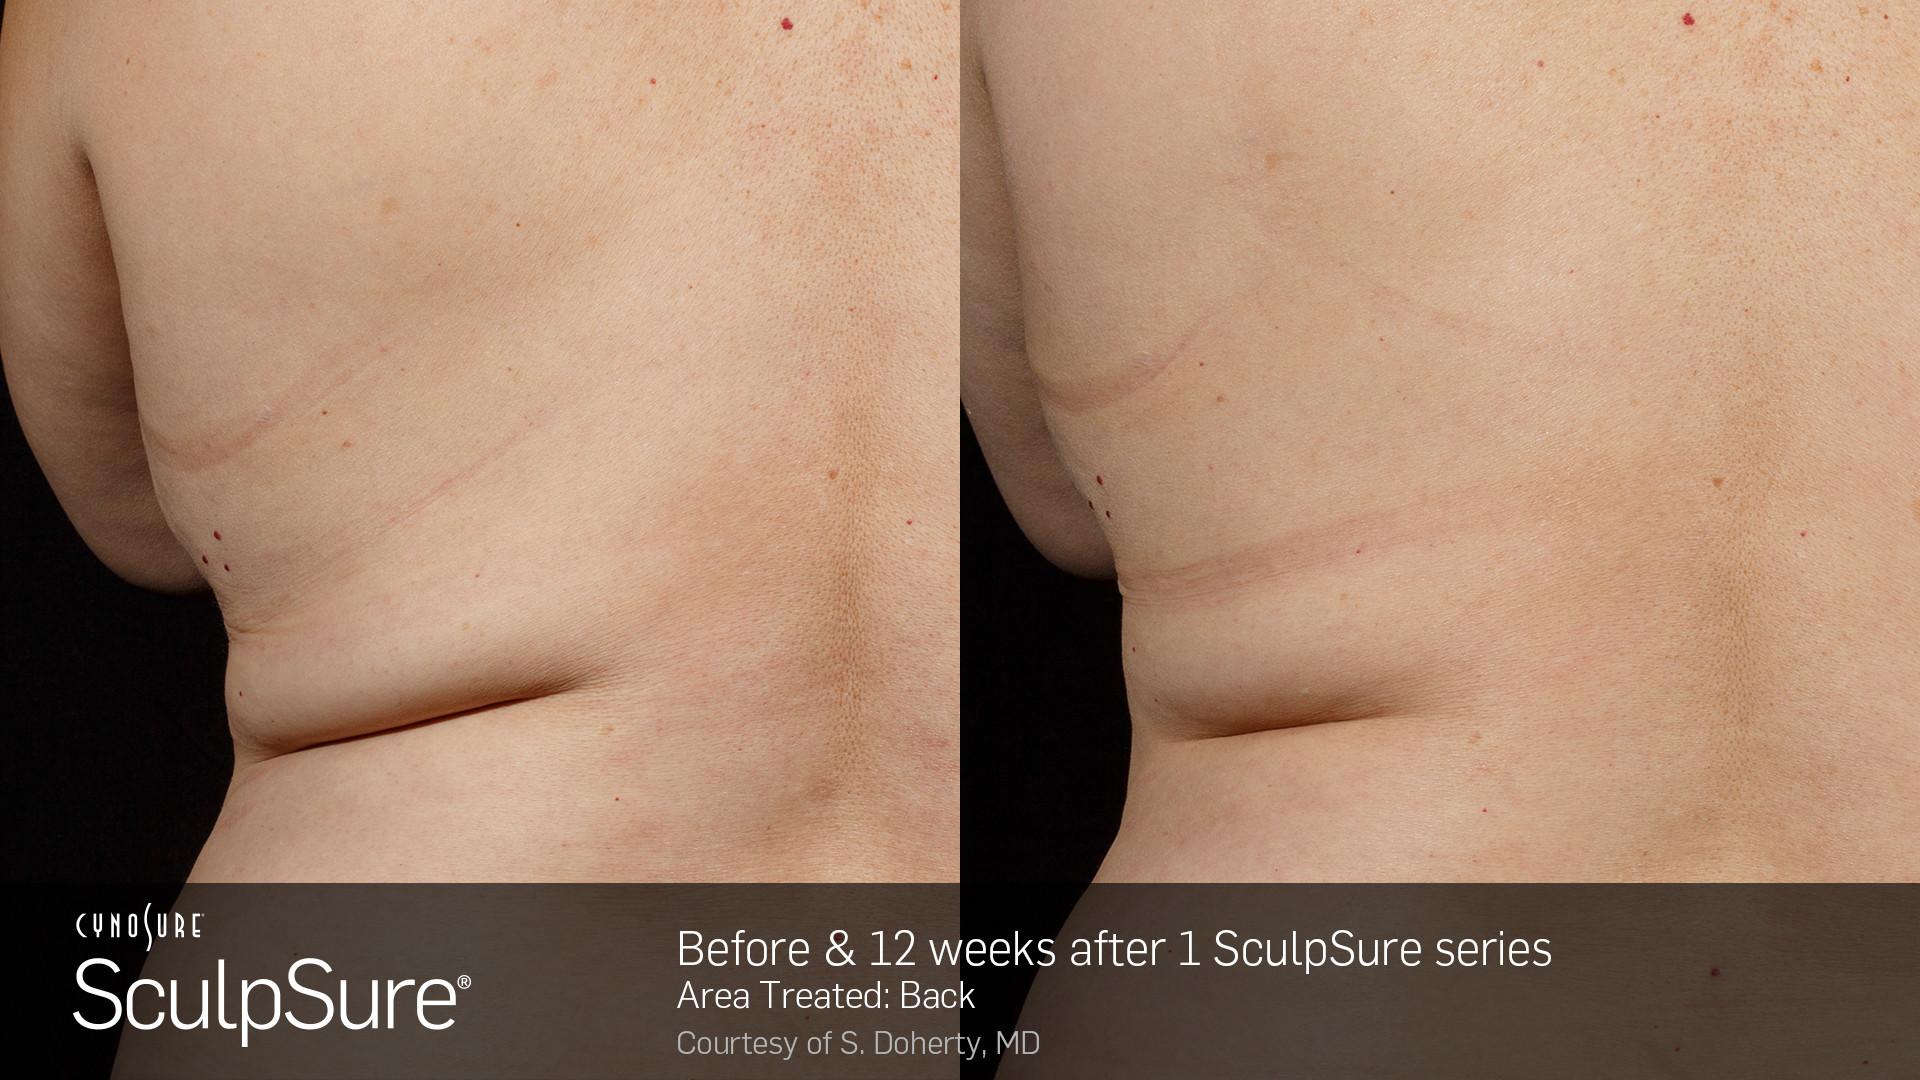 BA_SculpSure_S.Doherty_Back-2_1tx_12week